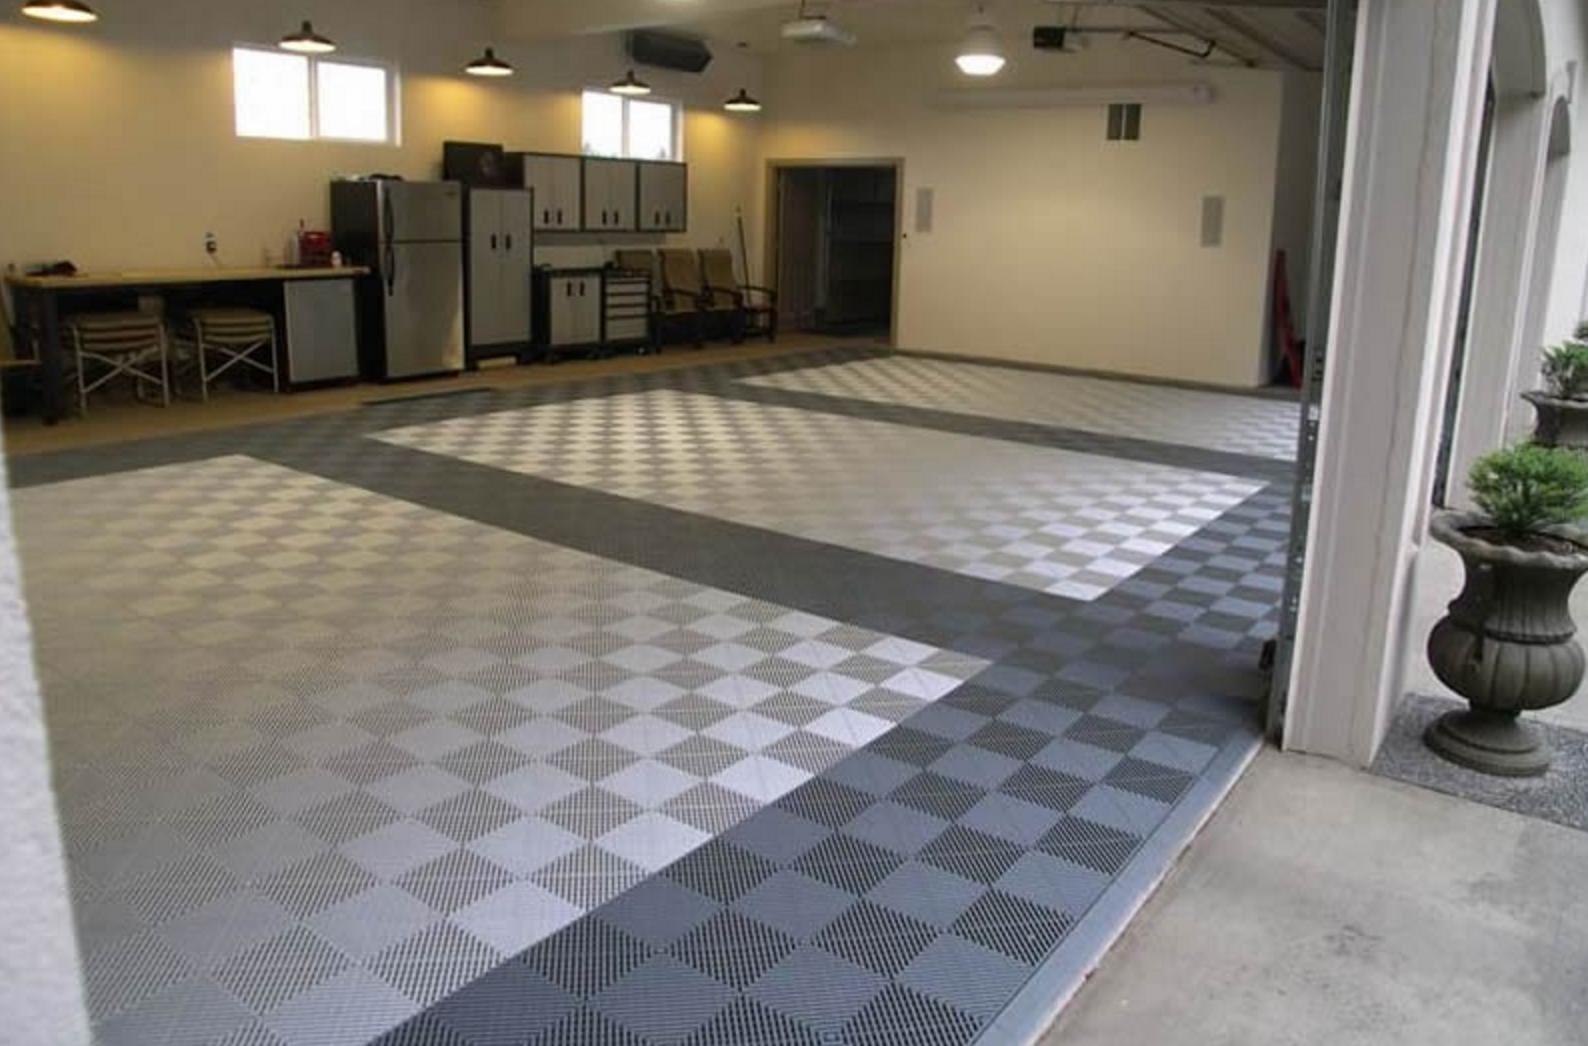 Swisstrax Flooring Garage Flooring In 2019 Garage Floor